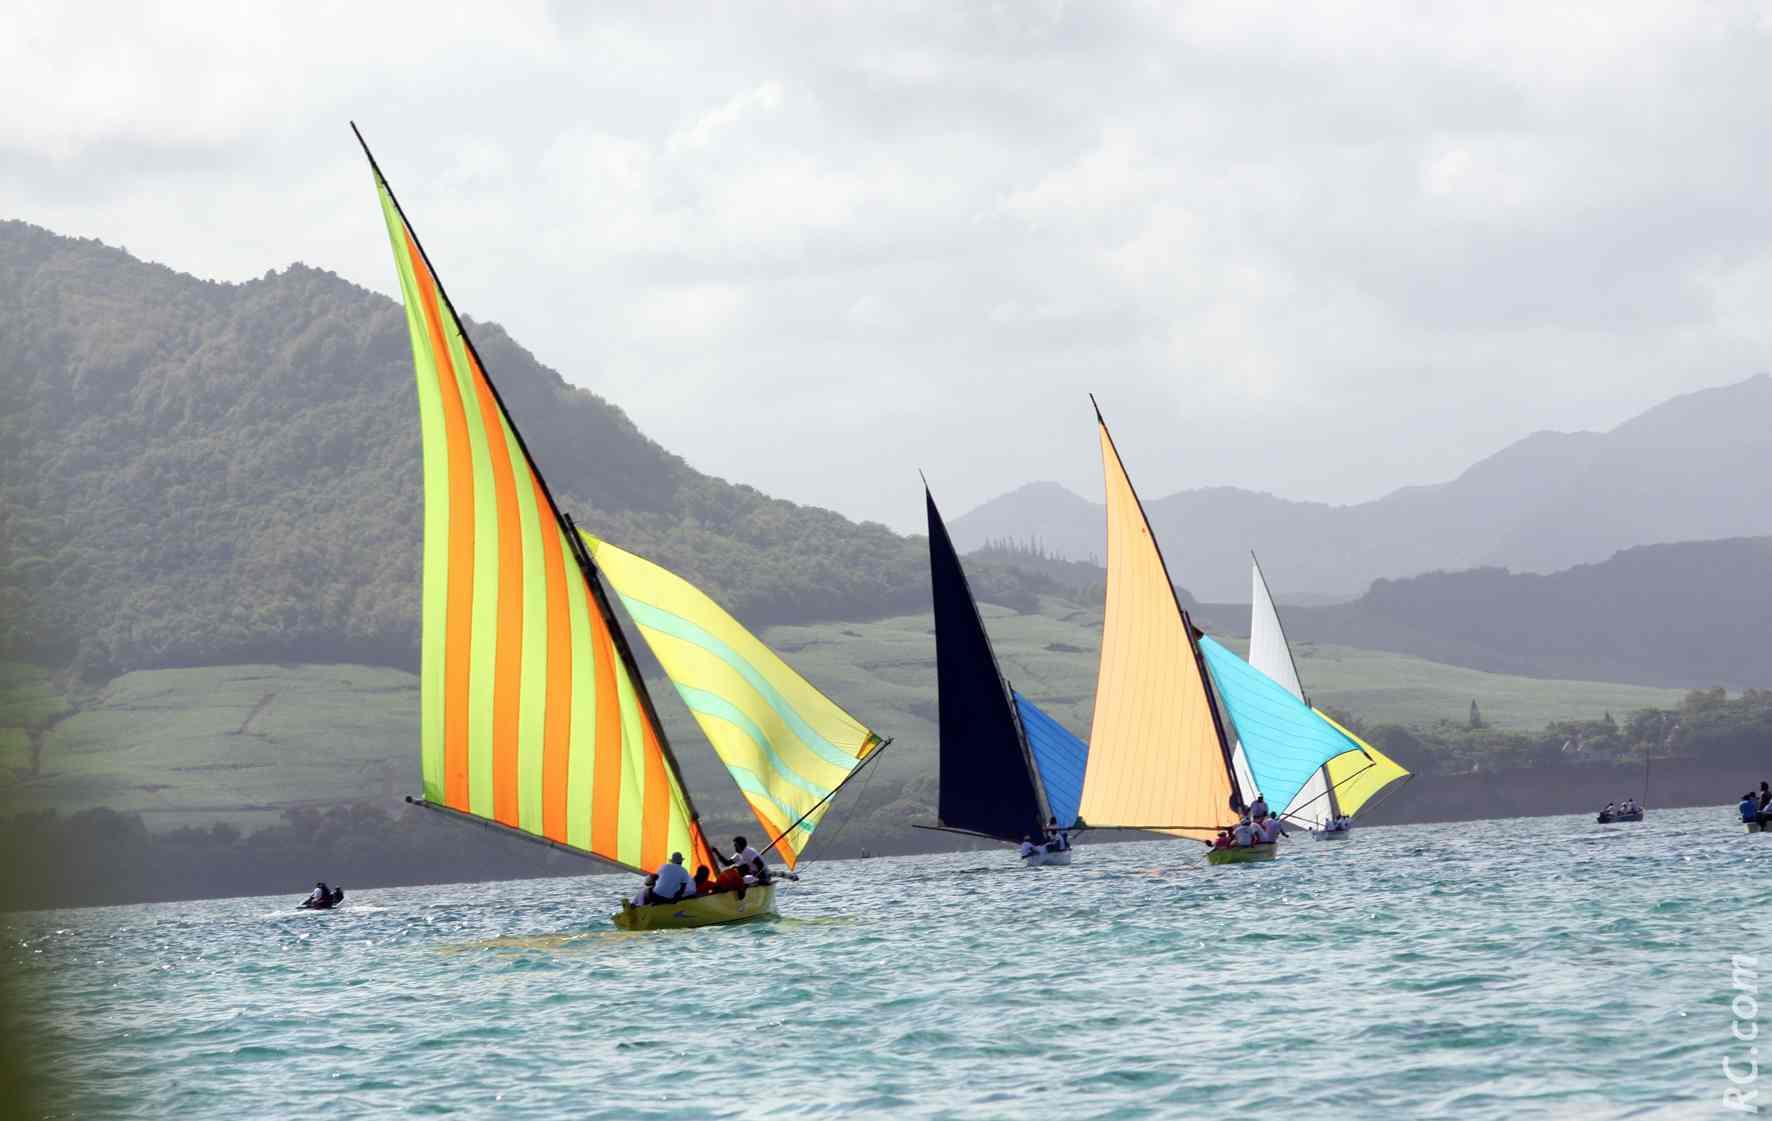 Des régates de voiliers dessinent un arc-en-ciel sur l'espace marin de Blue Bay